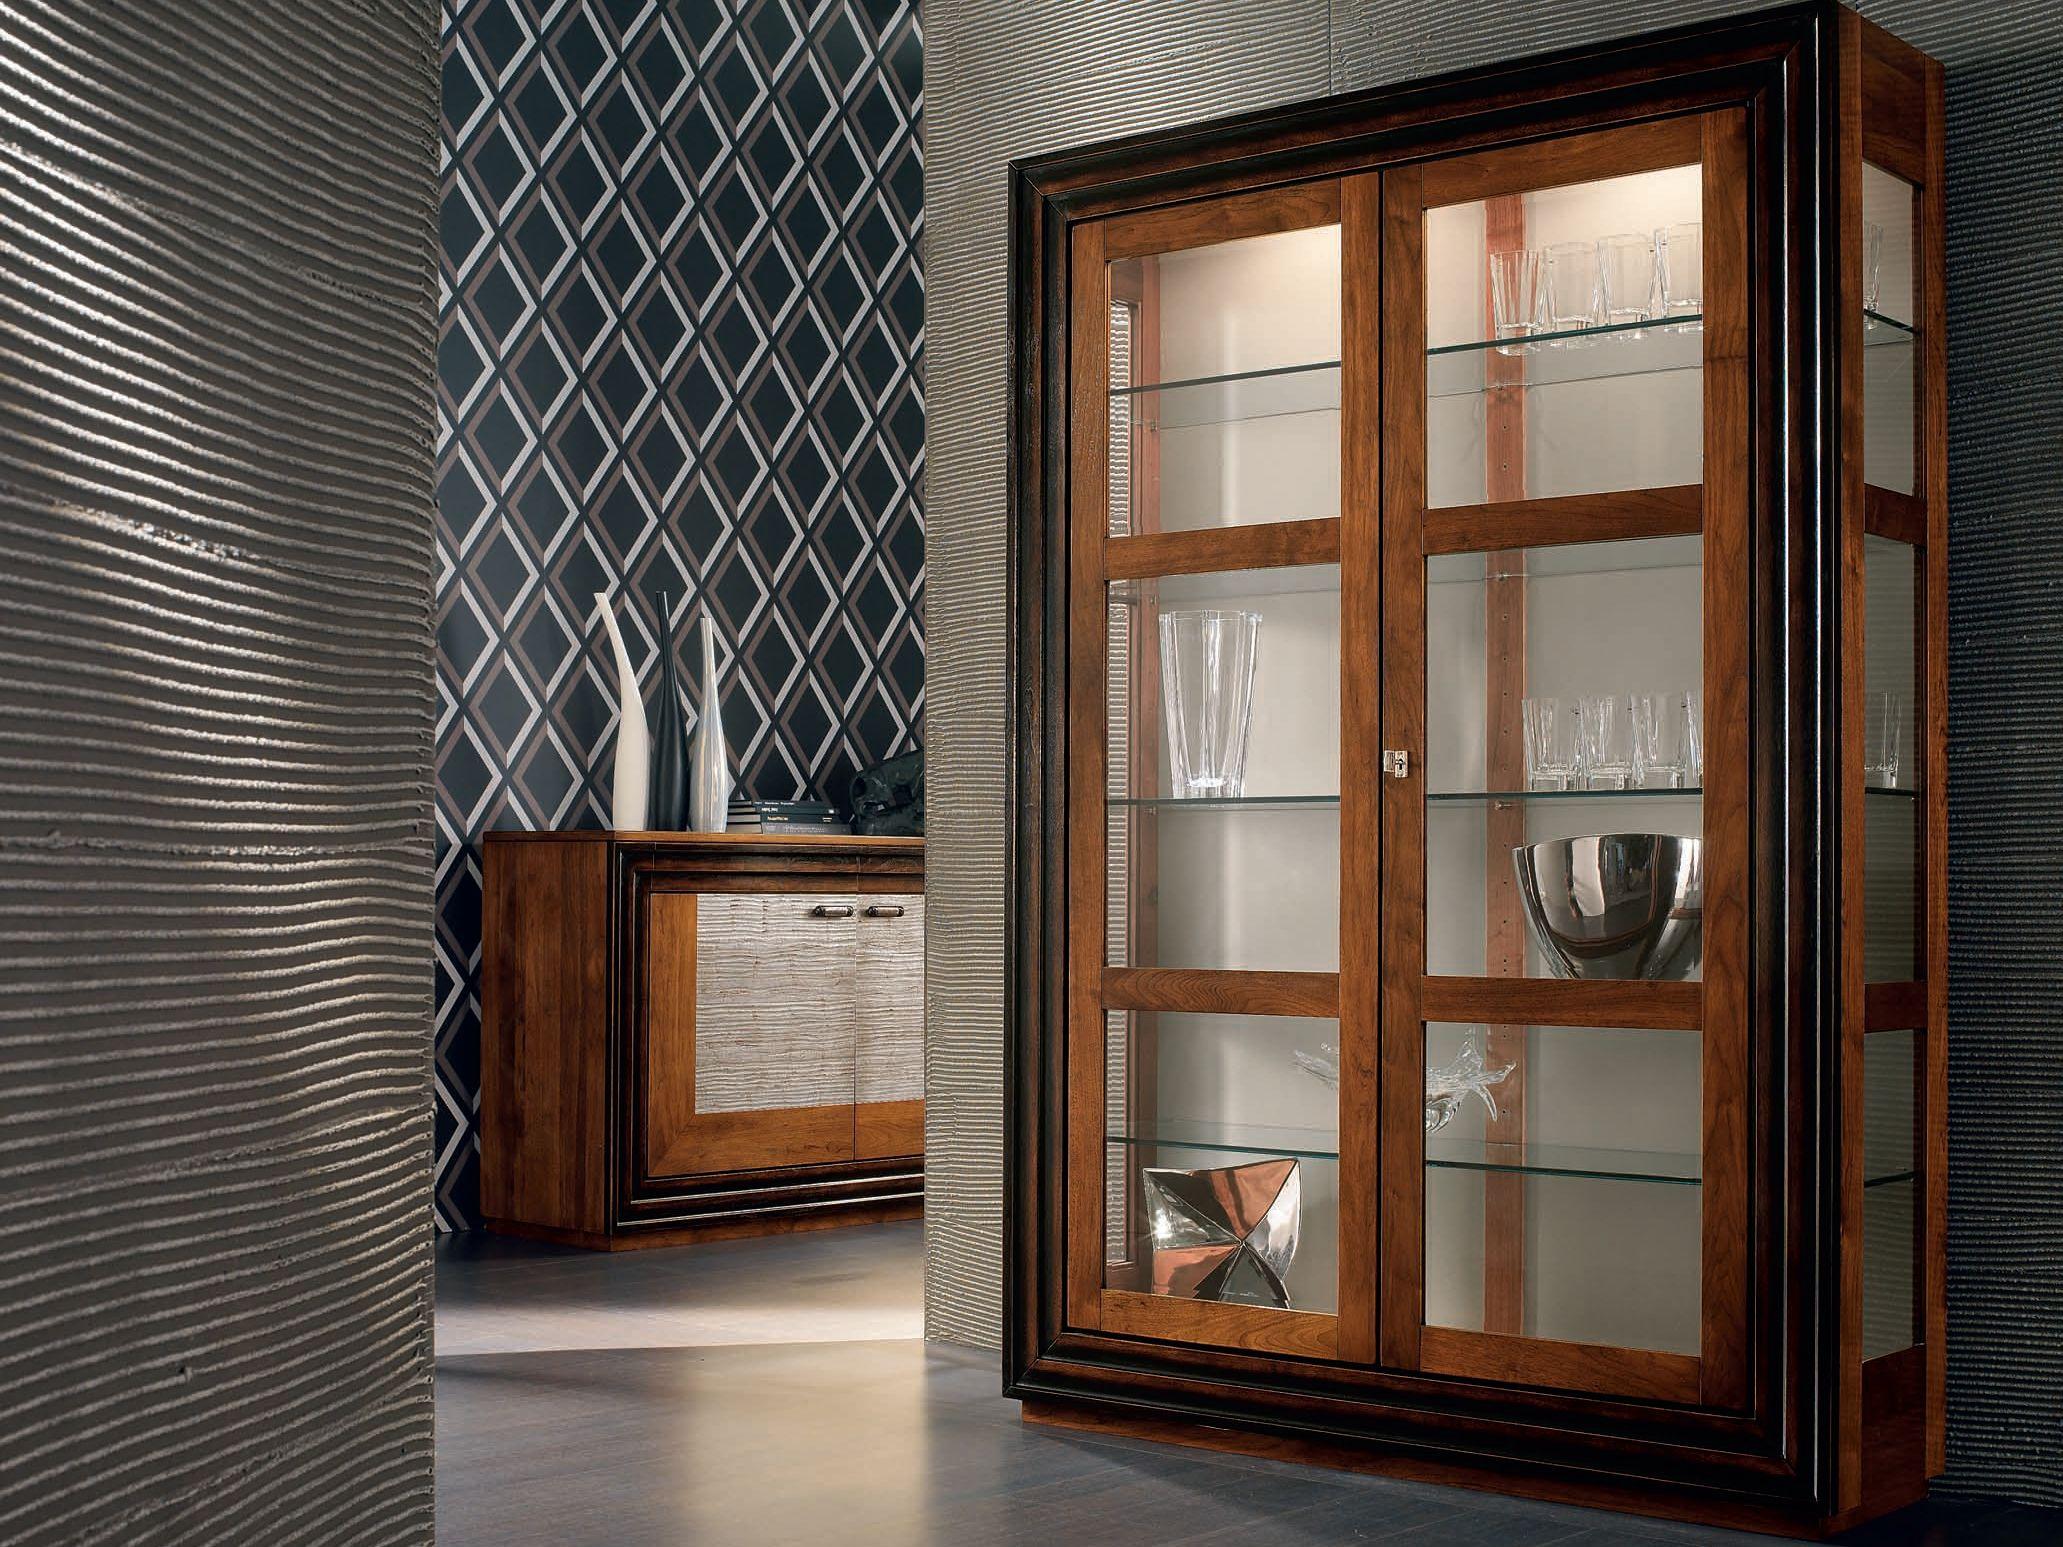 ÉTOILE DAY Vitrine en bois by Cantiero design Arbet Design -> Les Vitrines En Bois